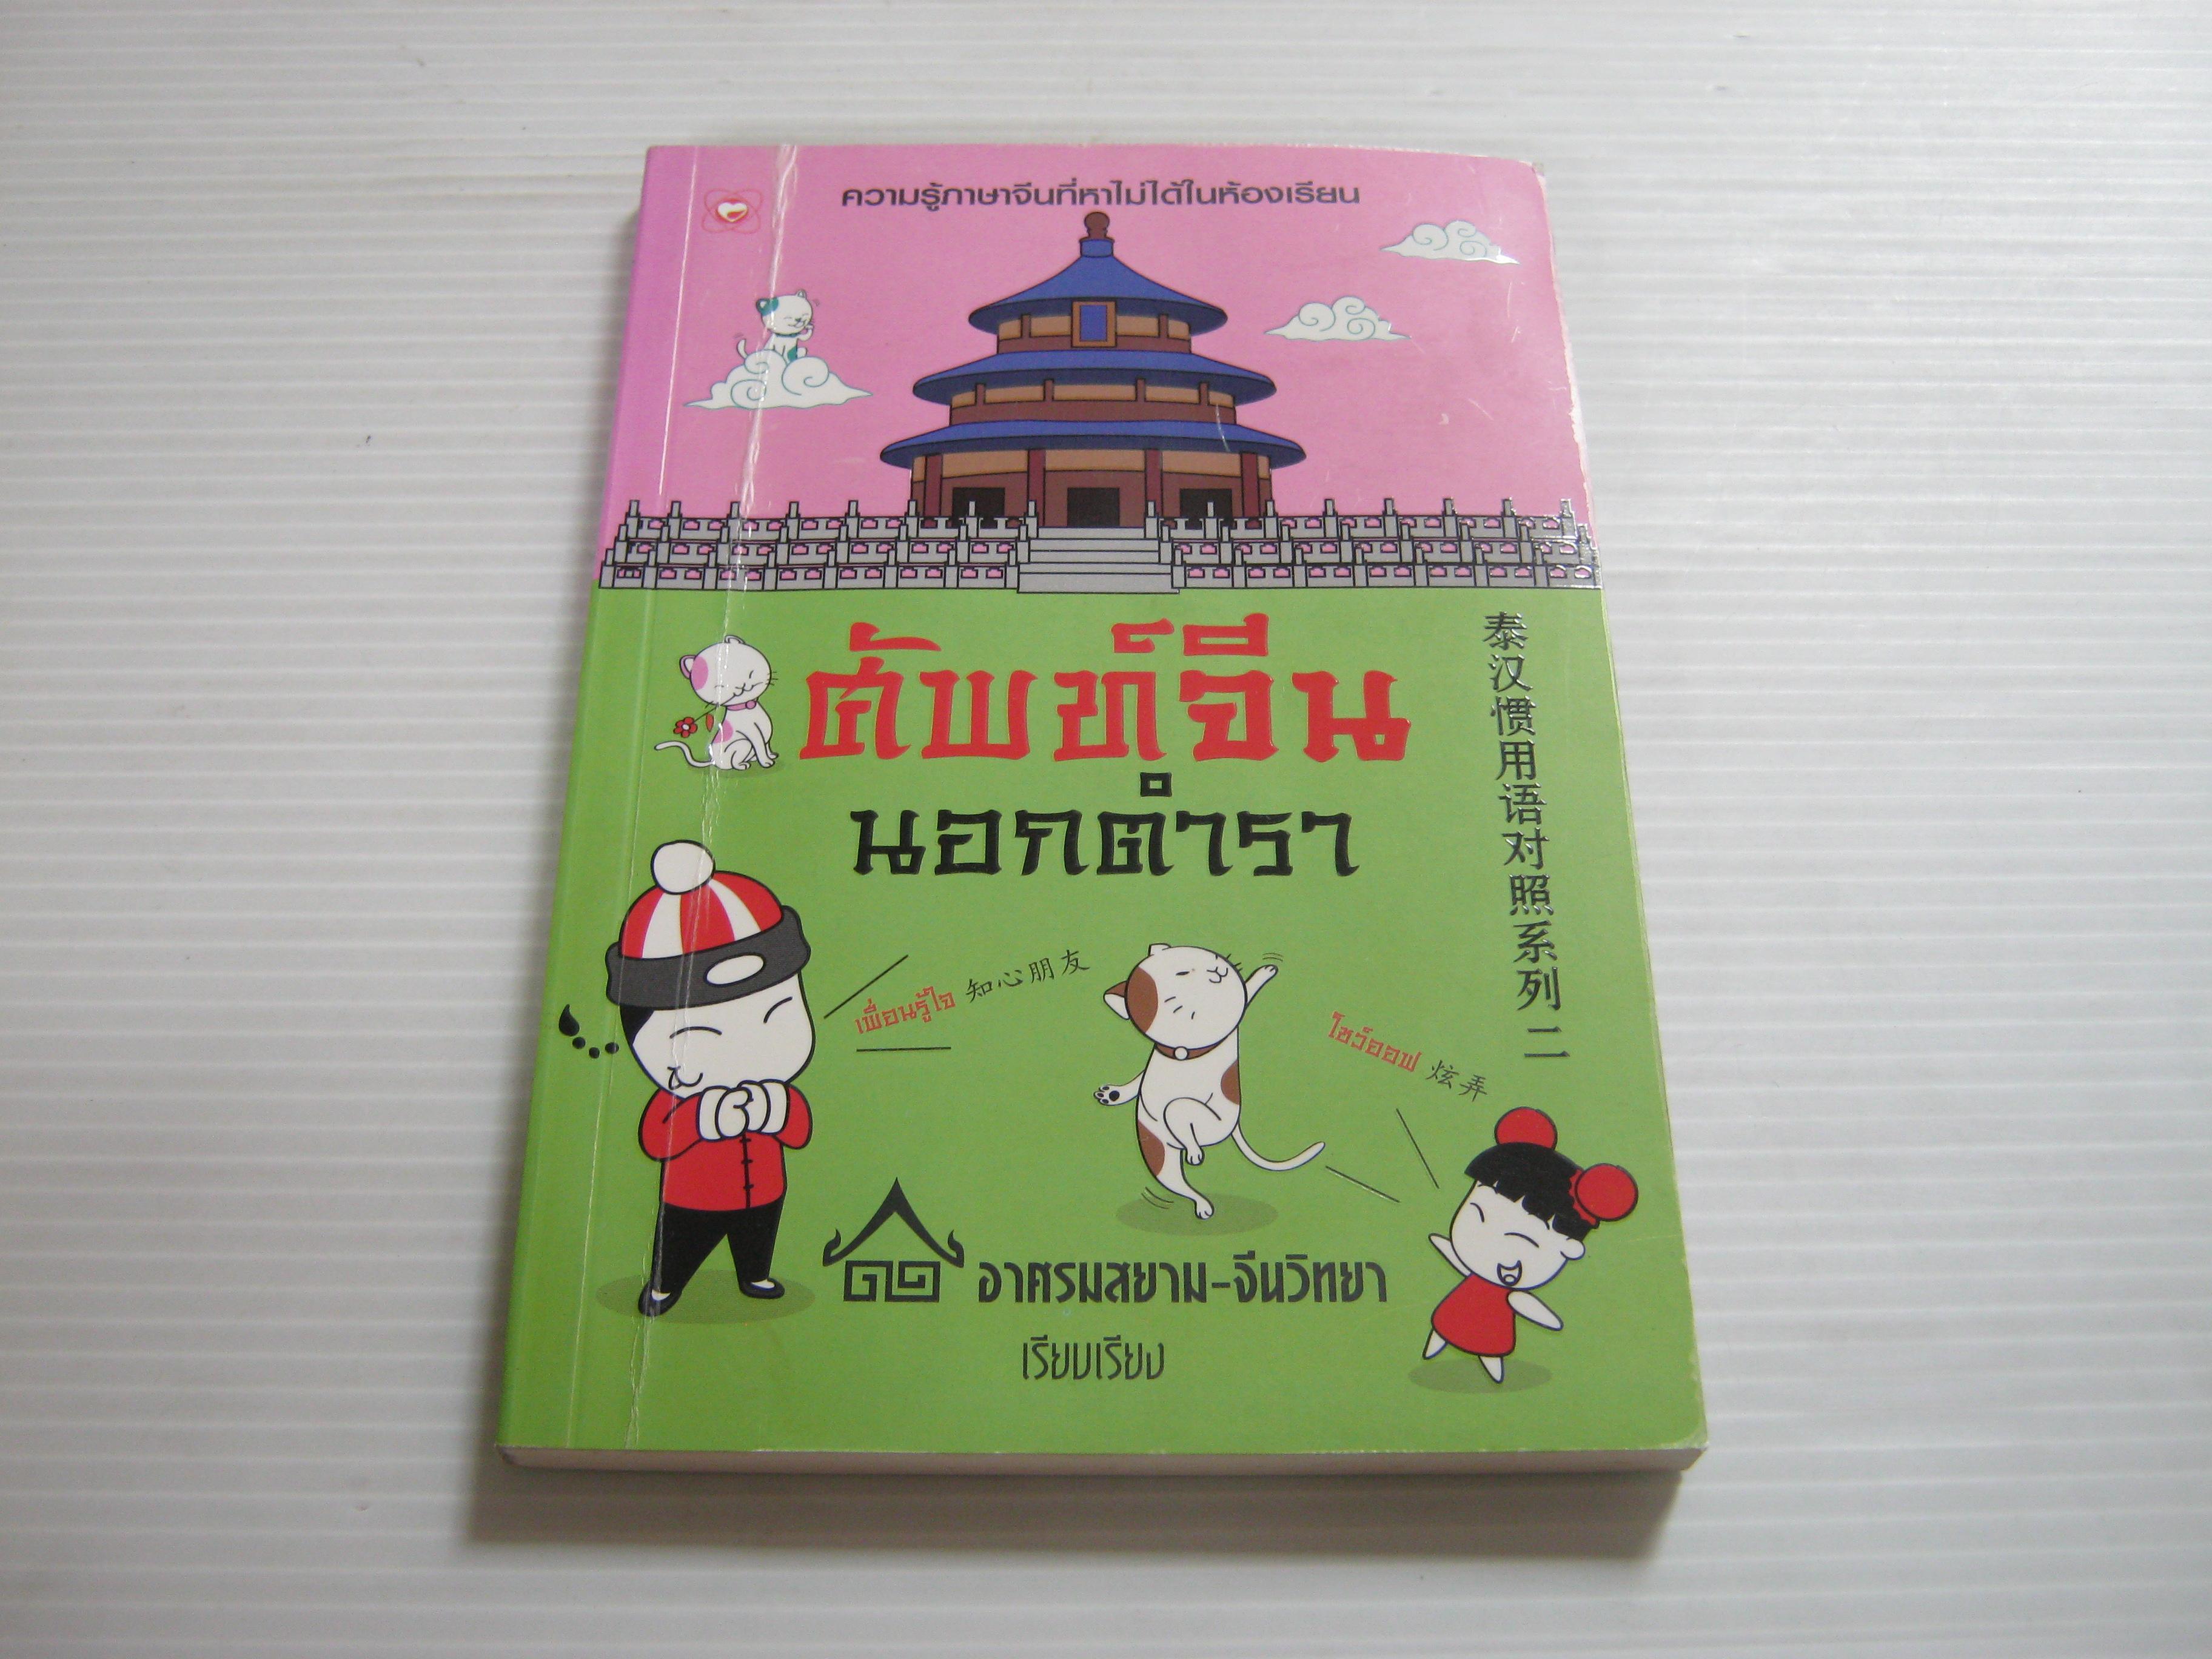 ศัพท์จีนนอกตำรา อาศรมสยาม-จีนวิทยา เรียบเรียง